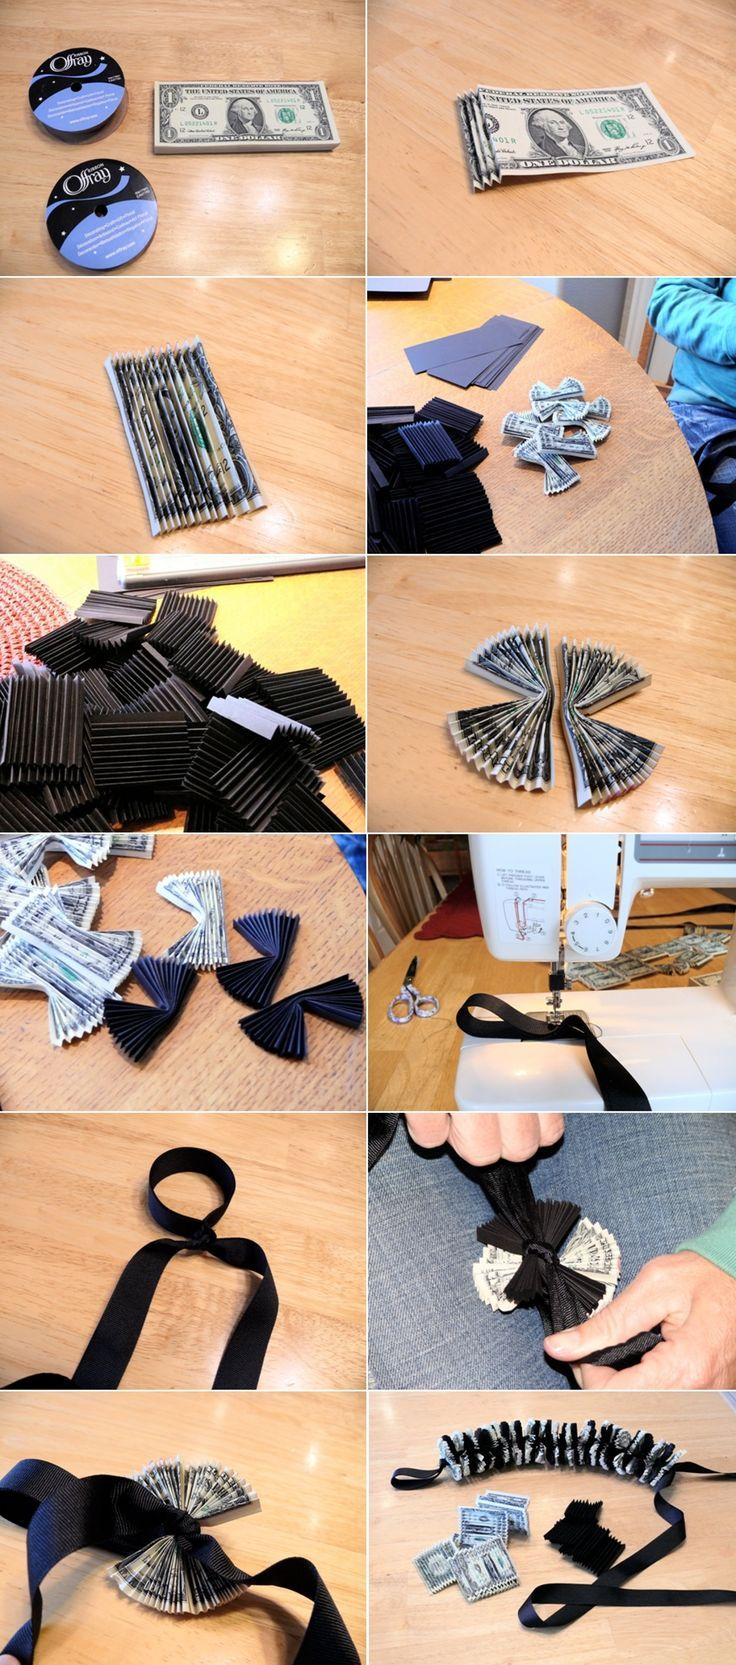 hochzeitsgeschenk geld kreativ verpacken 71 diy servietten pinterest geld geschenke. Black Bedroom Furniture Sets. Home Design Ideas